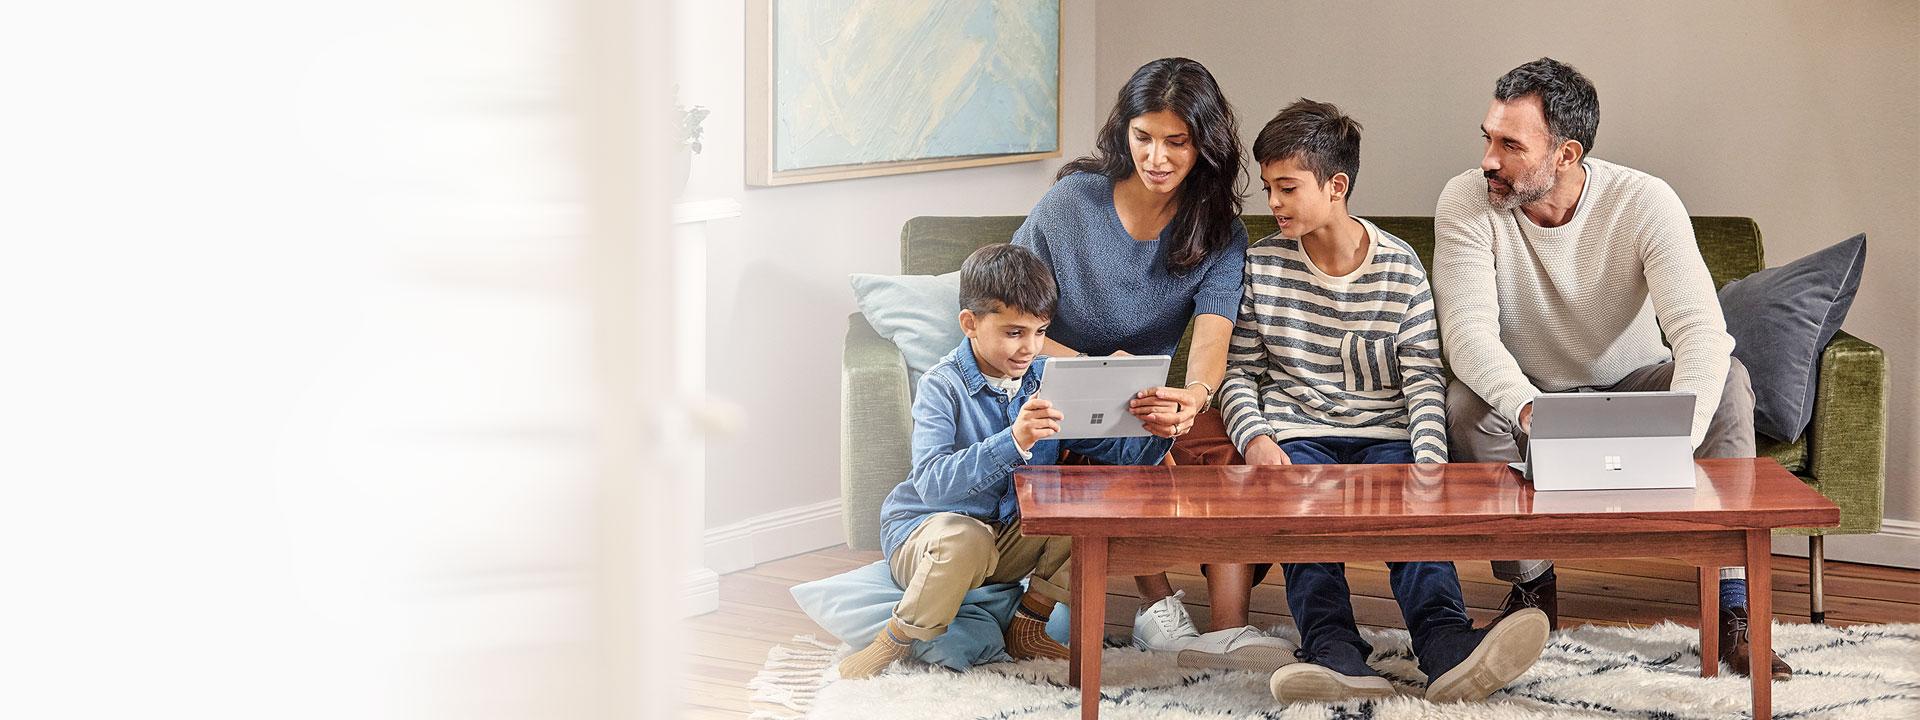 Mann, Frau und zwei Jungen benutzen zwei Microsoft Surface-Computer, während sie zuhause auf einer Couch sitzen